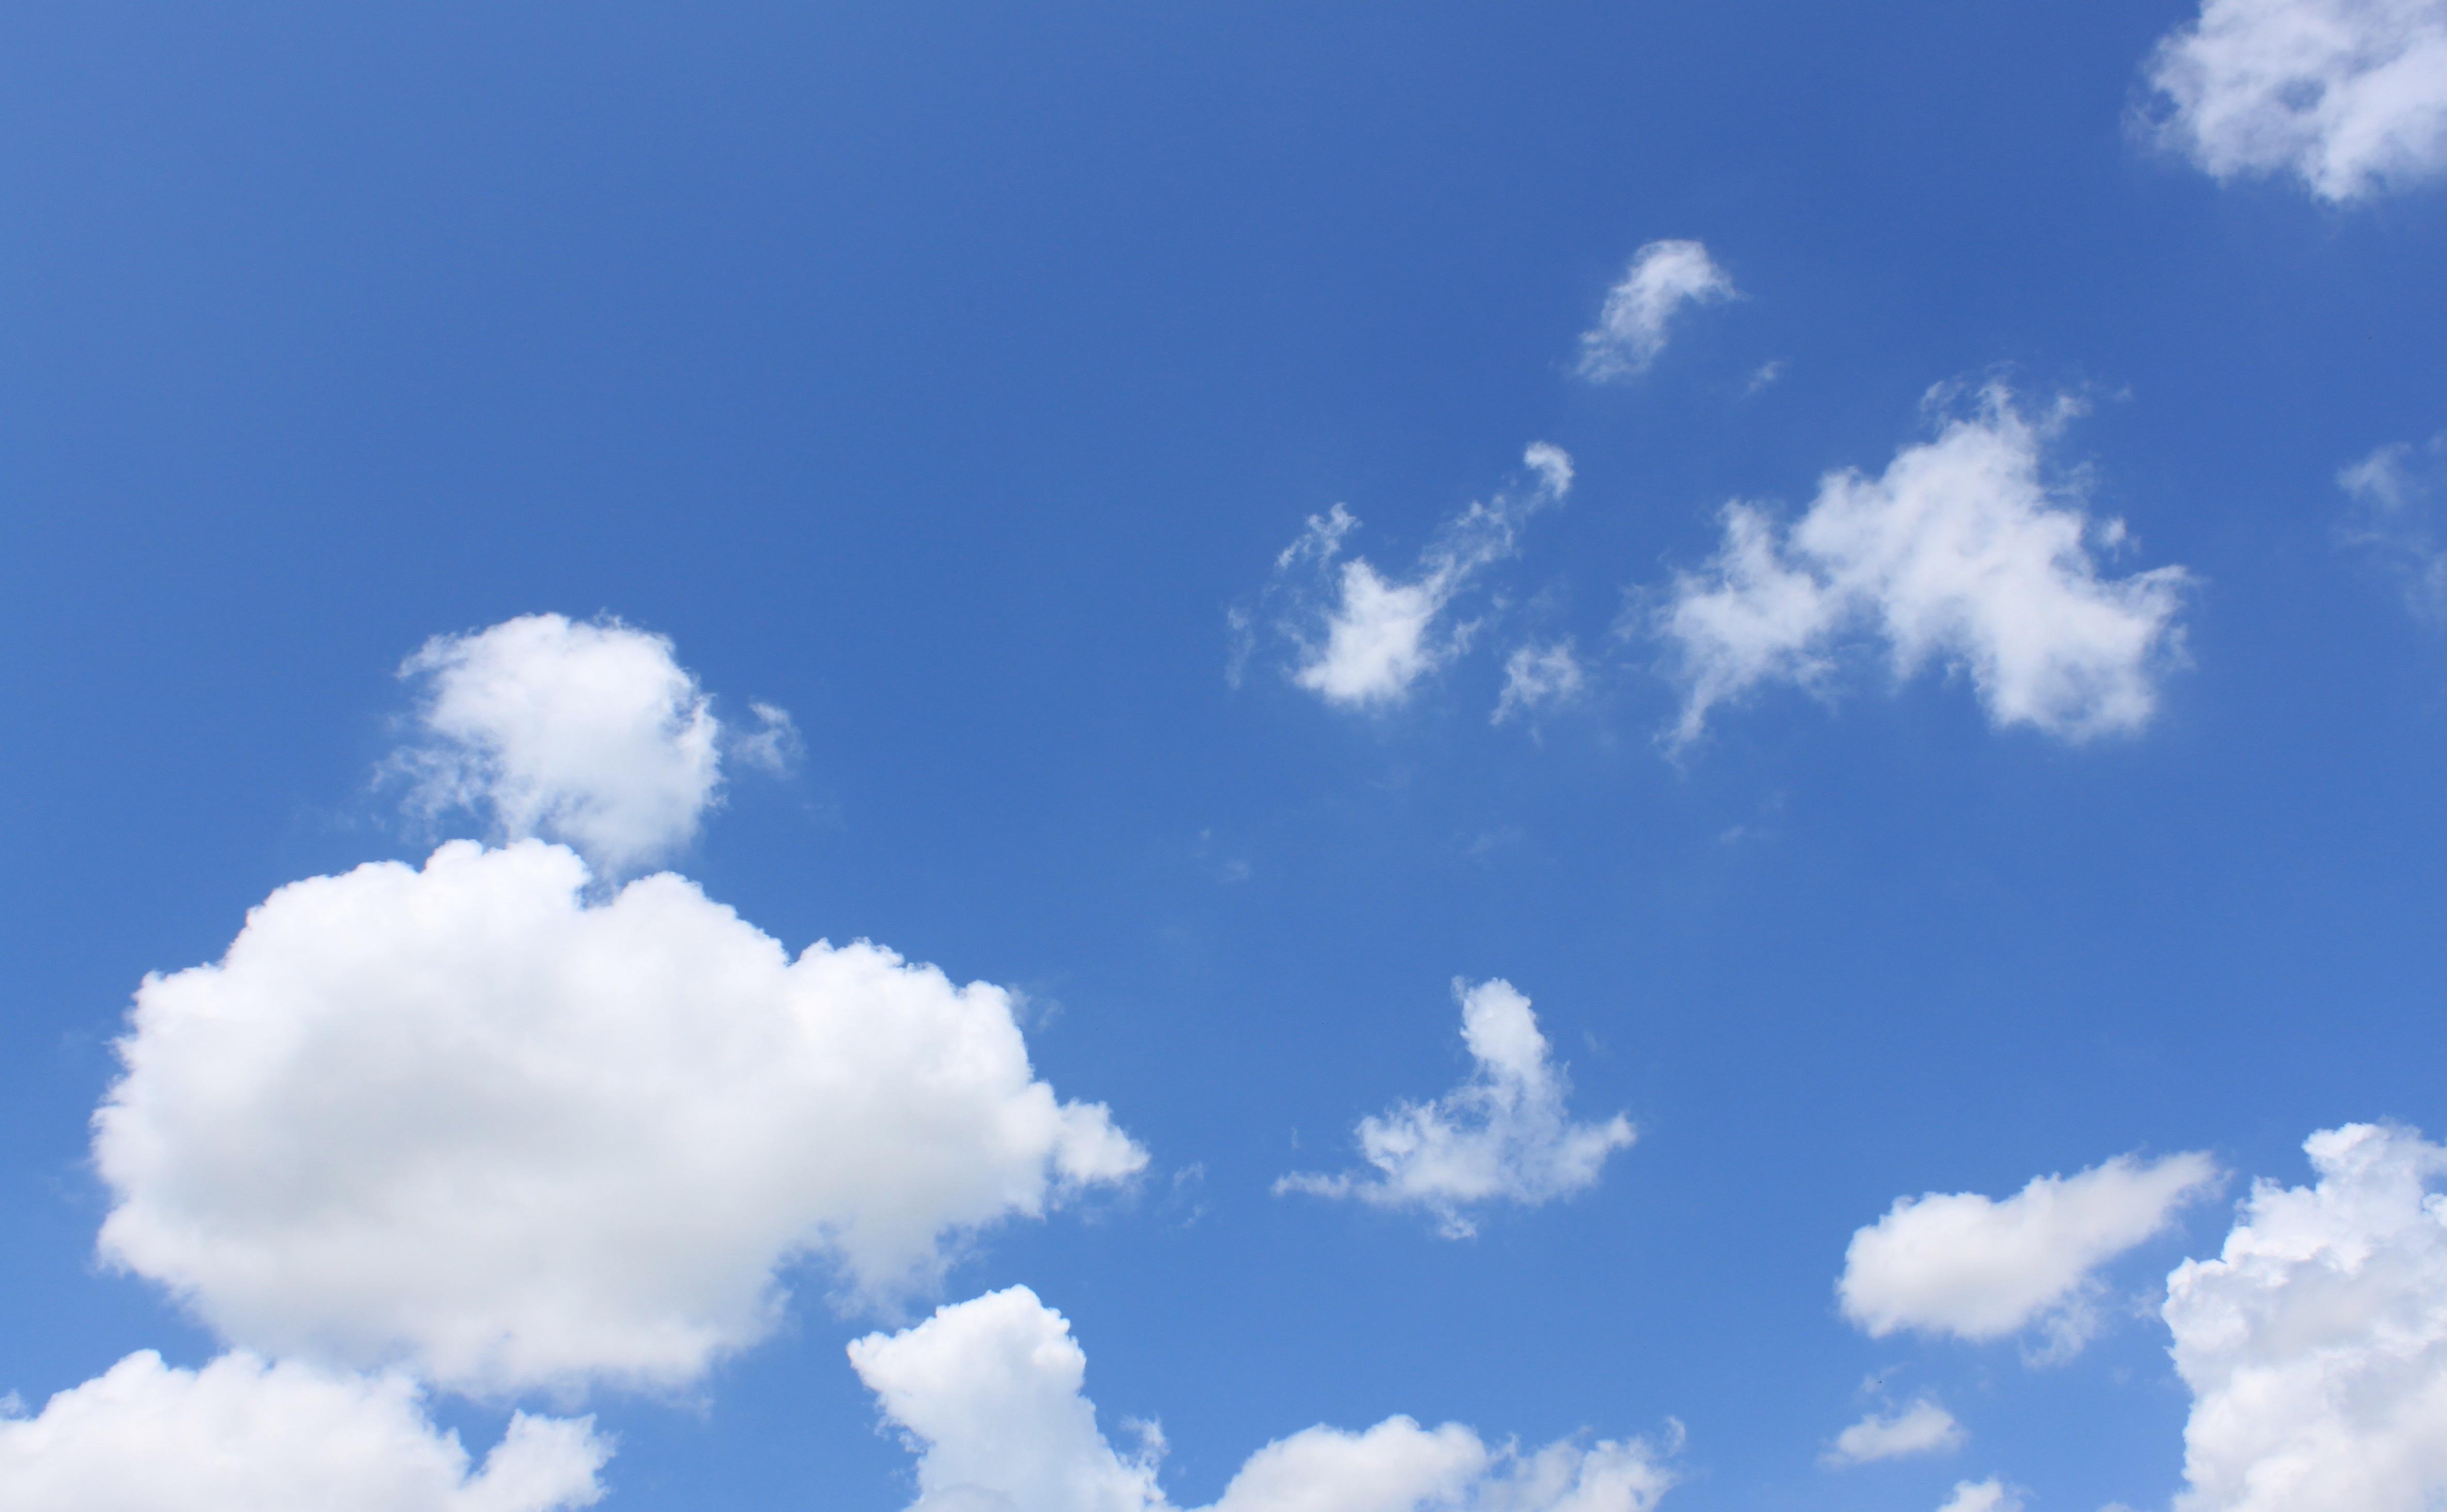 Hình Ảnh : Thiên Nhiên, Đám Mây, Bầu Trời, Ánh Sáng Mặt Trời, Không Khí,  Ban Ngày, Môi Trường, Lông Mượt, Thiên Đường, Thời Tiết, Cumulus, Màu Xanh  Da Trời, ...